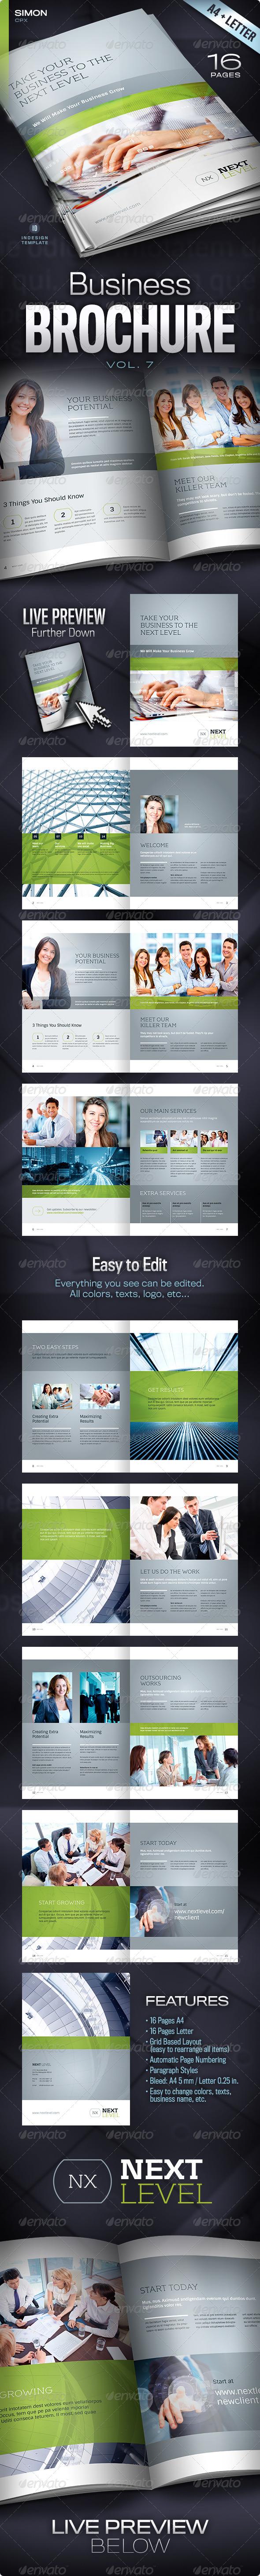 Business Brochure Vol. 7 - Corporate Brochures